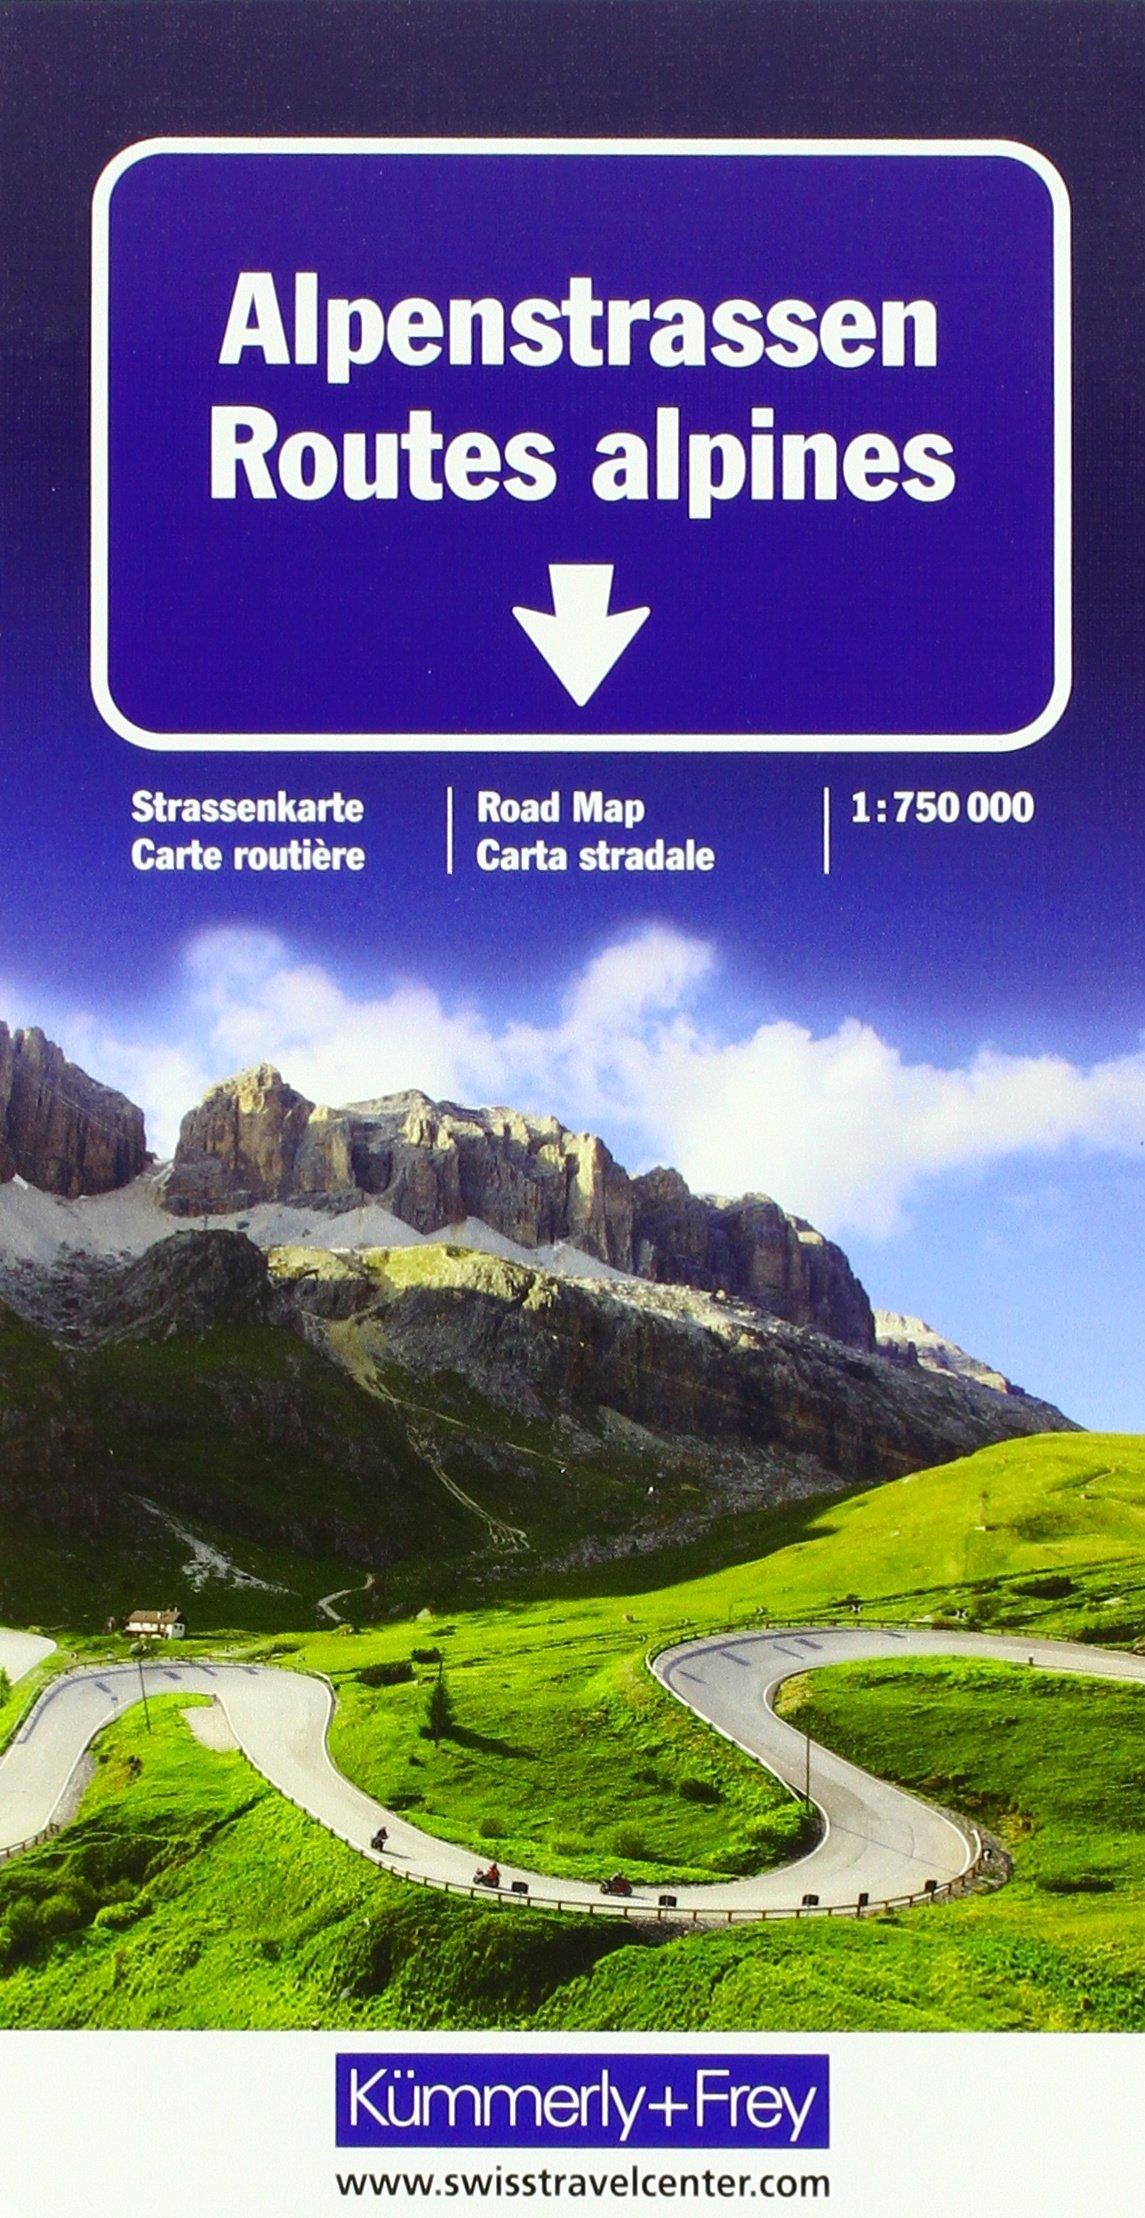 Alpenstrassen Strassenkarte: Massstab 1:750 000 (Kümmerly+Frey Strassenkarten) (Englisch) Landkarte – Folded Map, 17. August 2017 Hallwag Kümmerly+Frey AG Kümmerly + Frey 3259018050 Karten / Stadtpläne / Europa